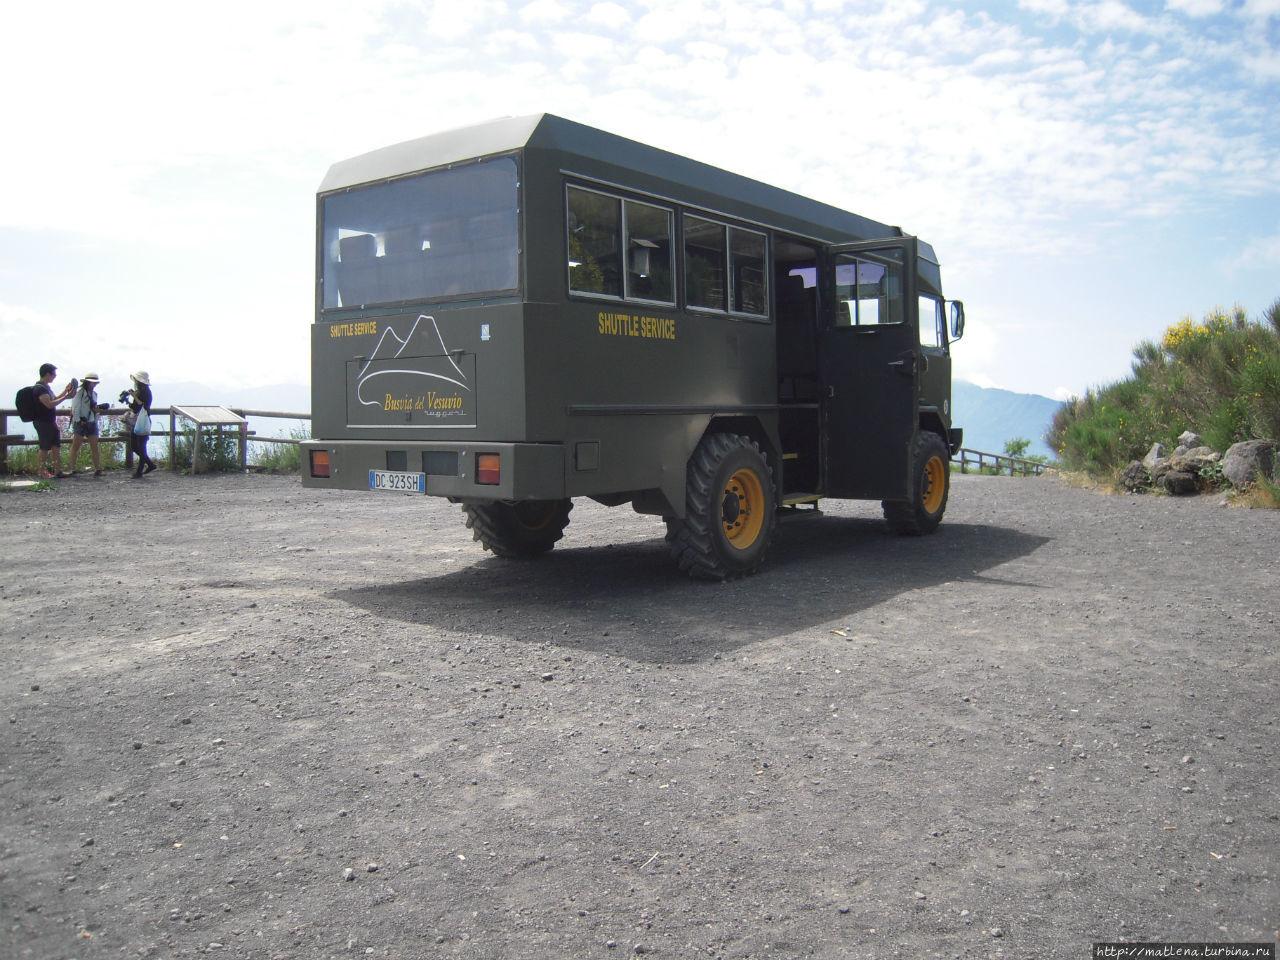 Автобус, который подвозит к началу пешеходного подъёма в Национальный парк Везувия